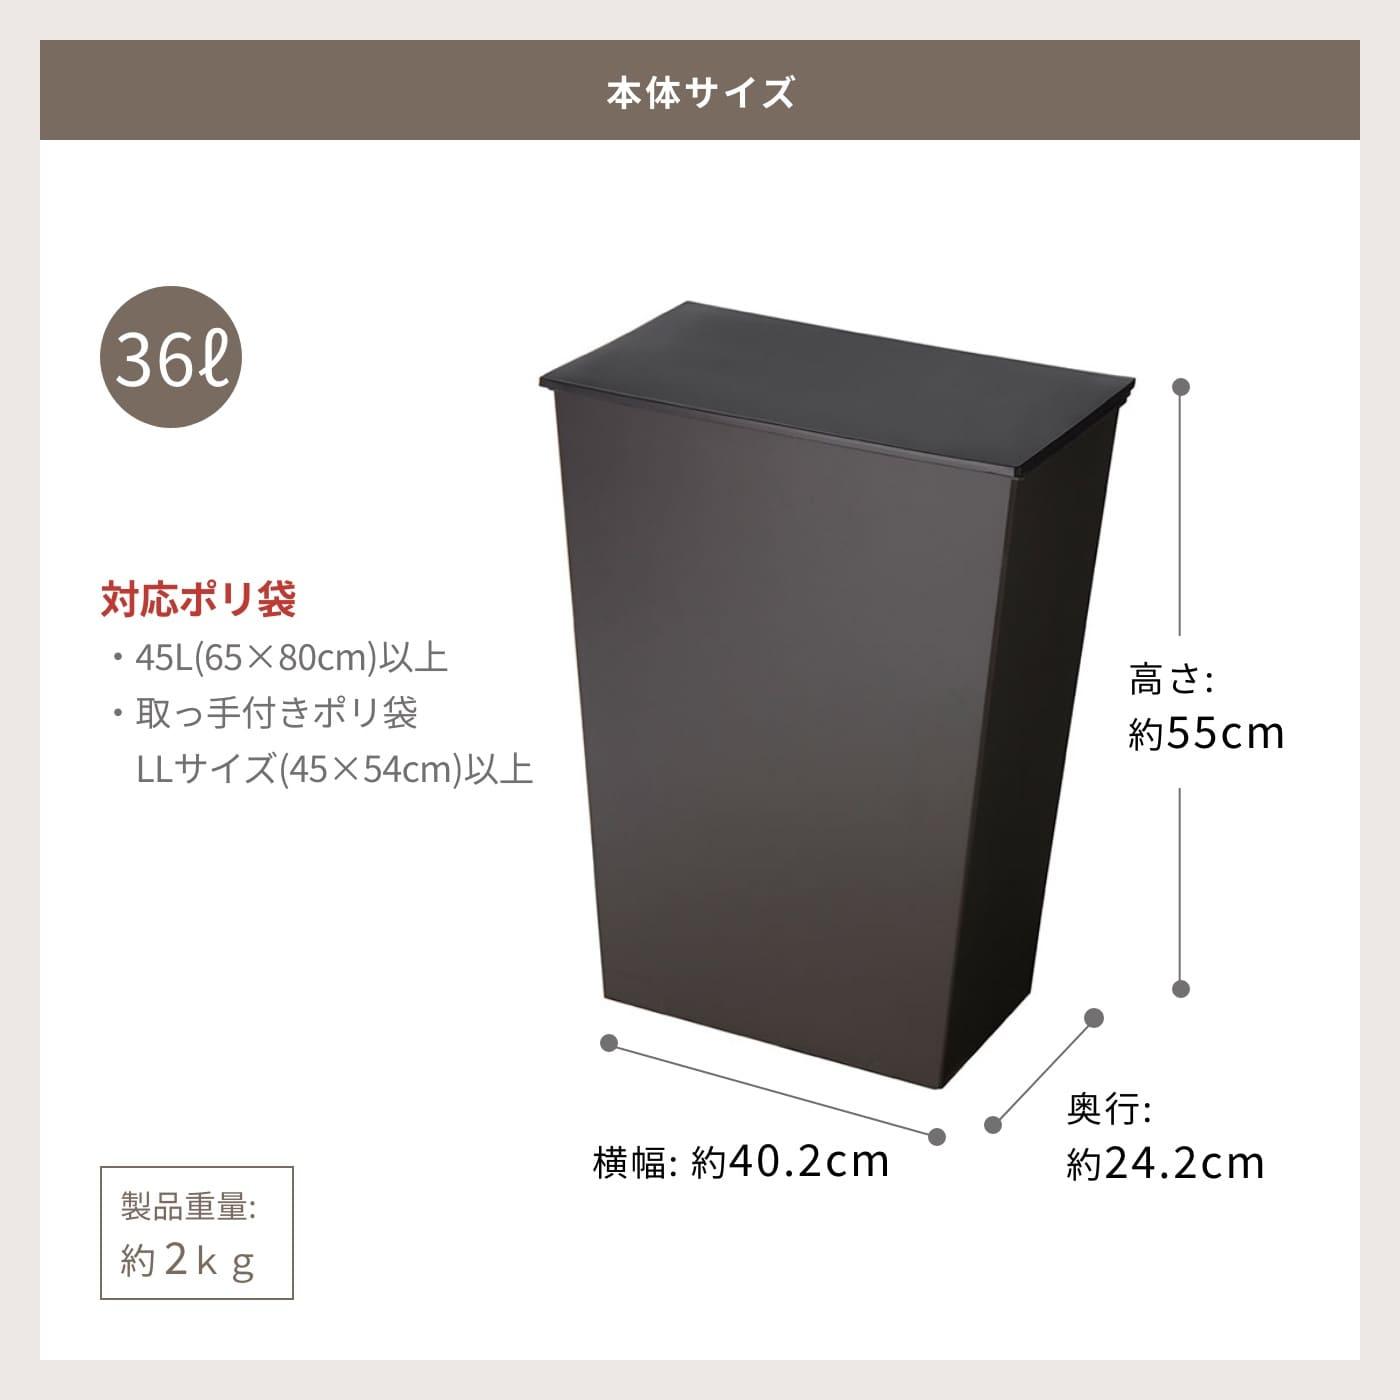 本体サイズ 36L 高さ約55cm 横幅約40.2cm 奥行約24.2cm